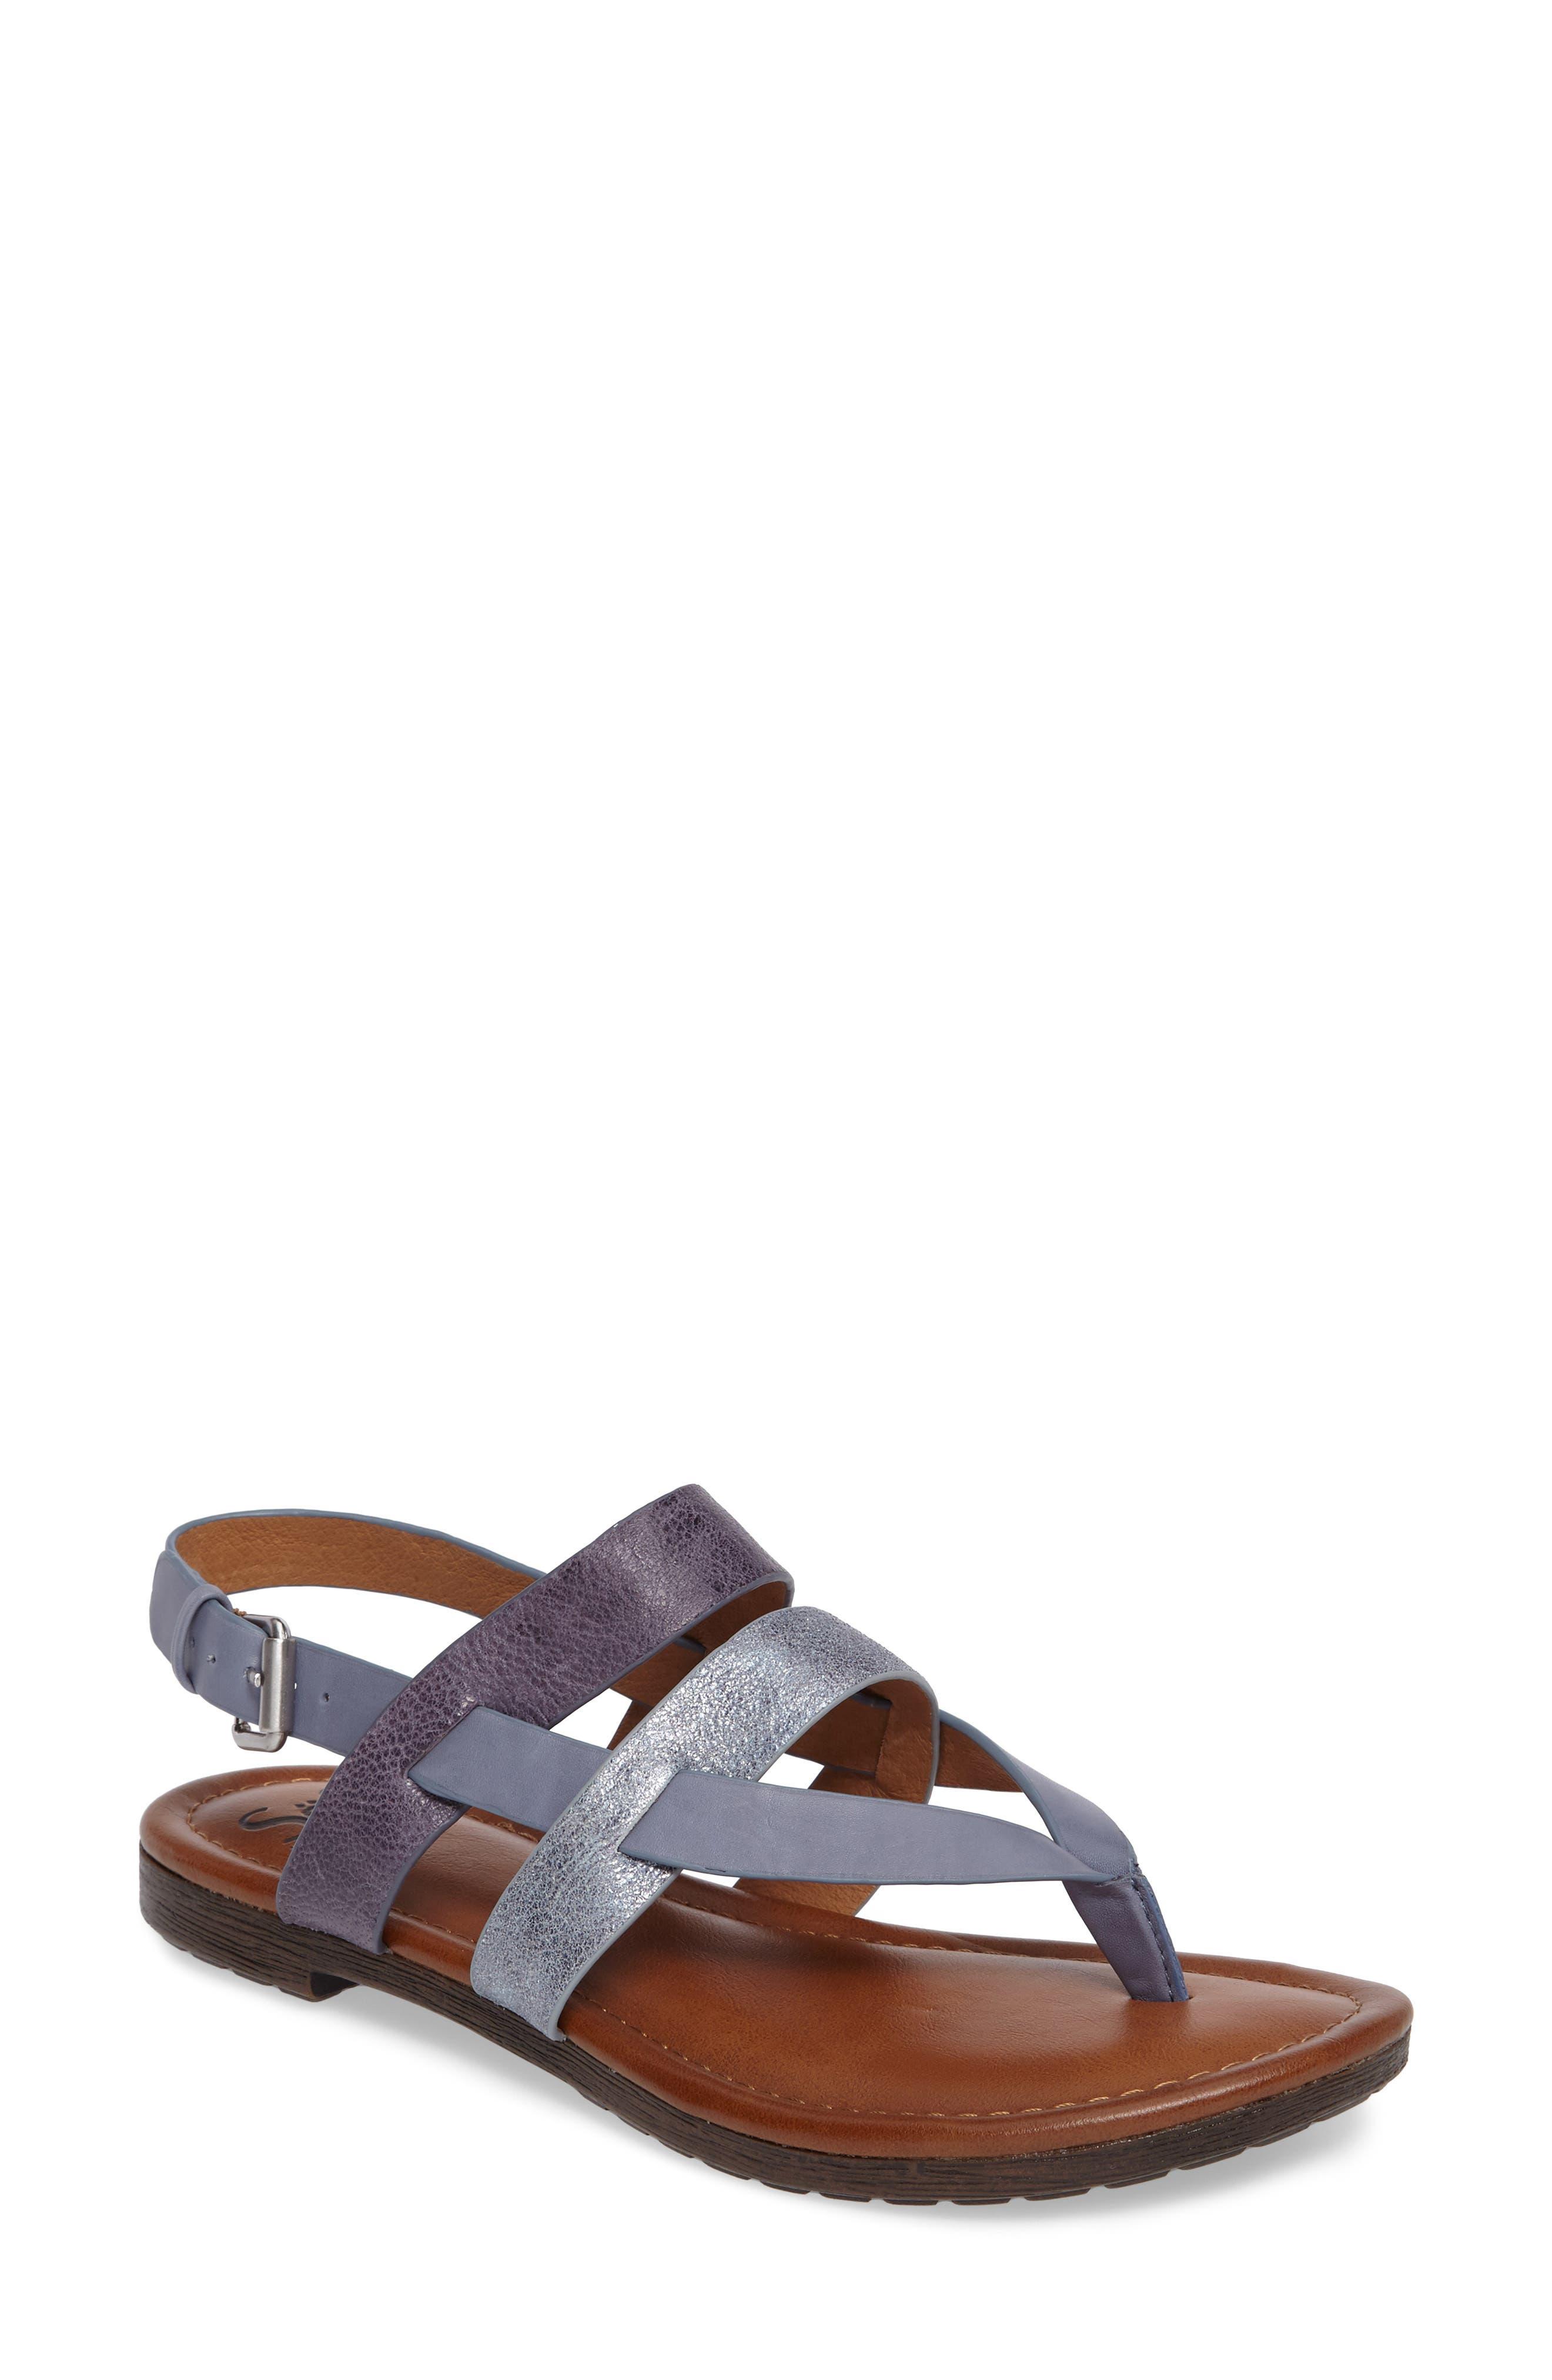 Bena Strappy Sandal,                         Main,                         color, 421